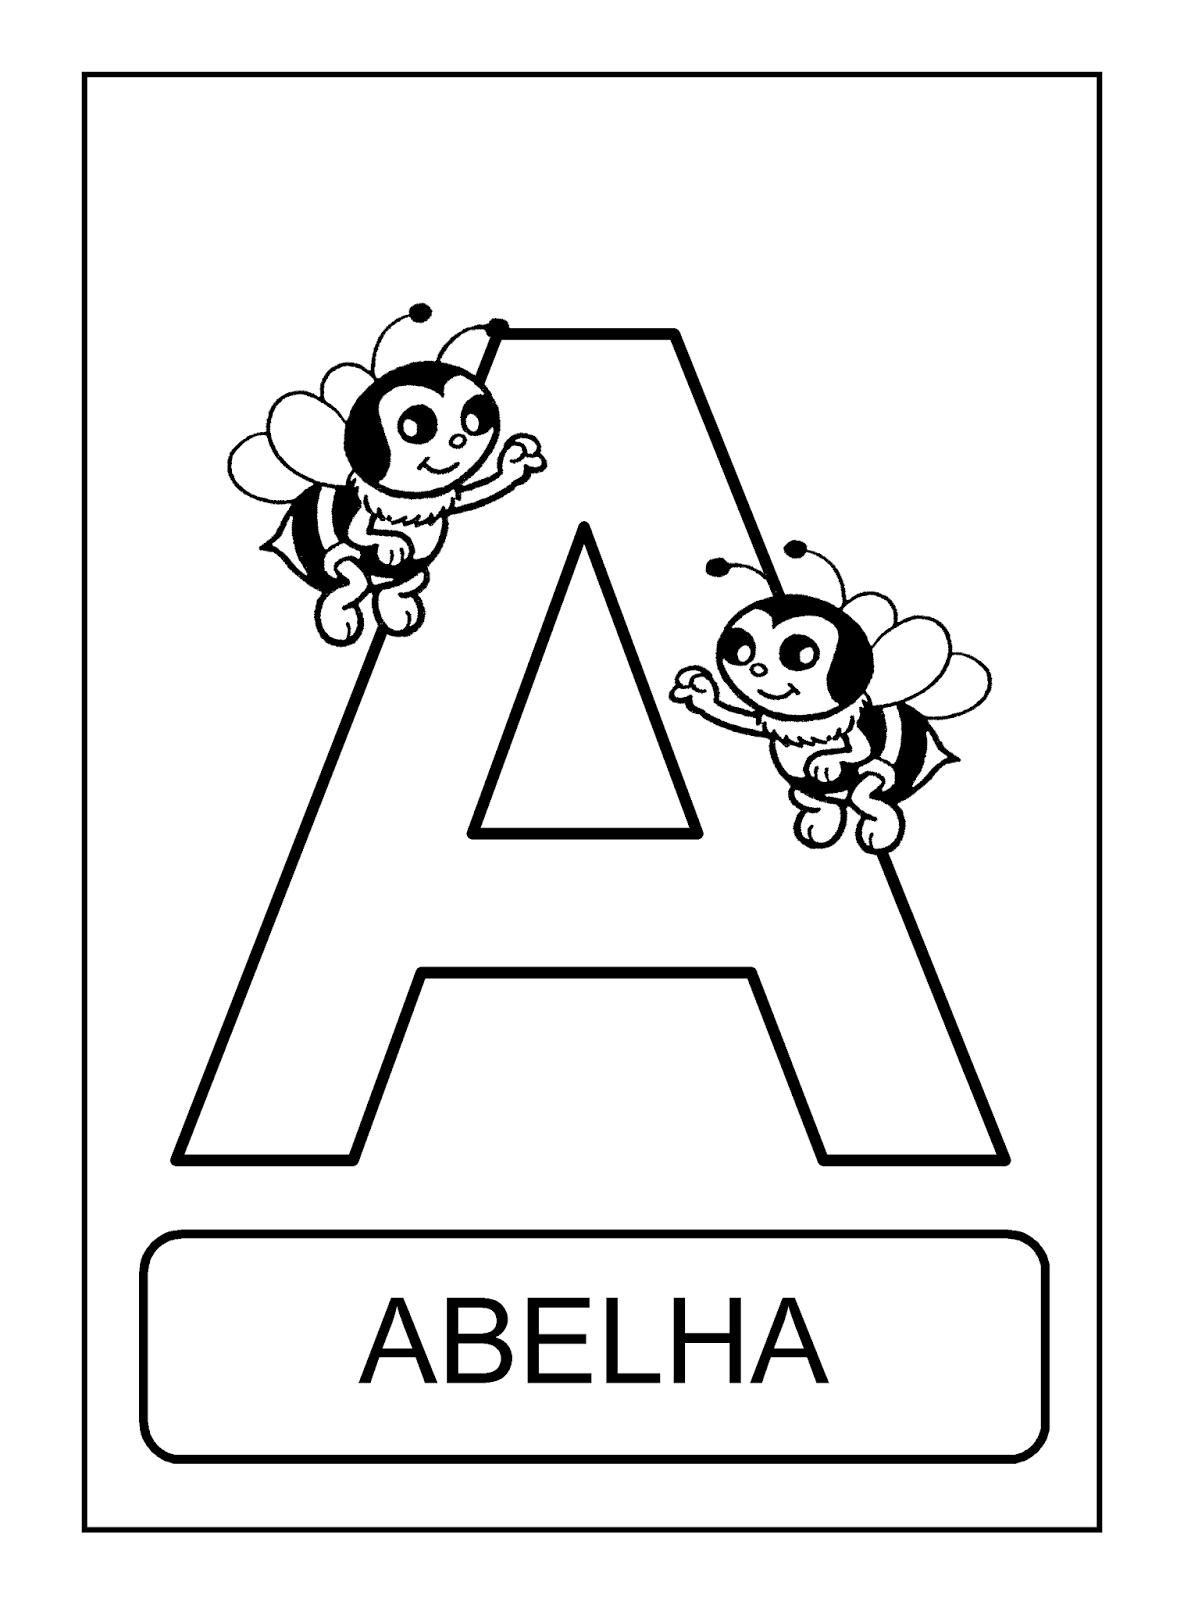 Alfabeto Desenhado Para Imprimir